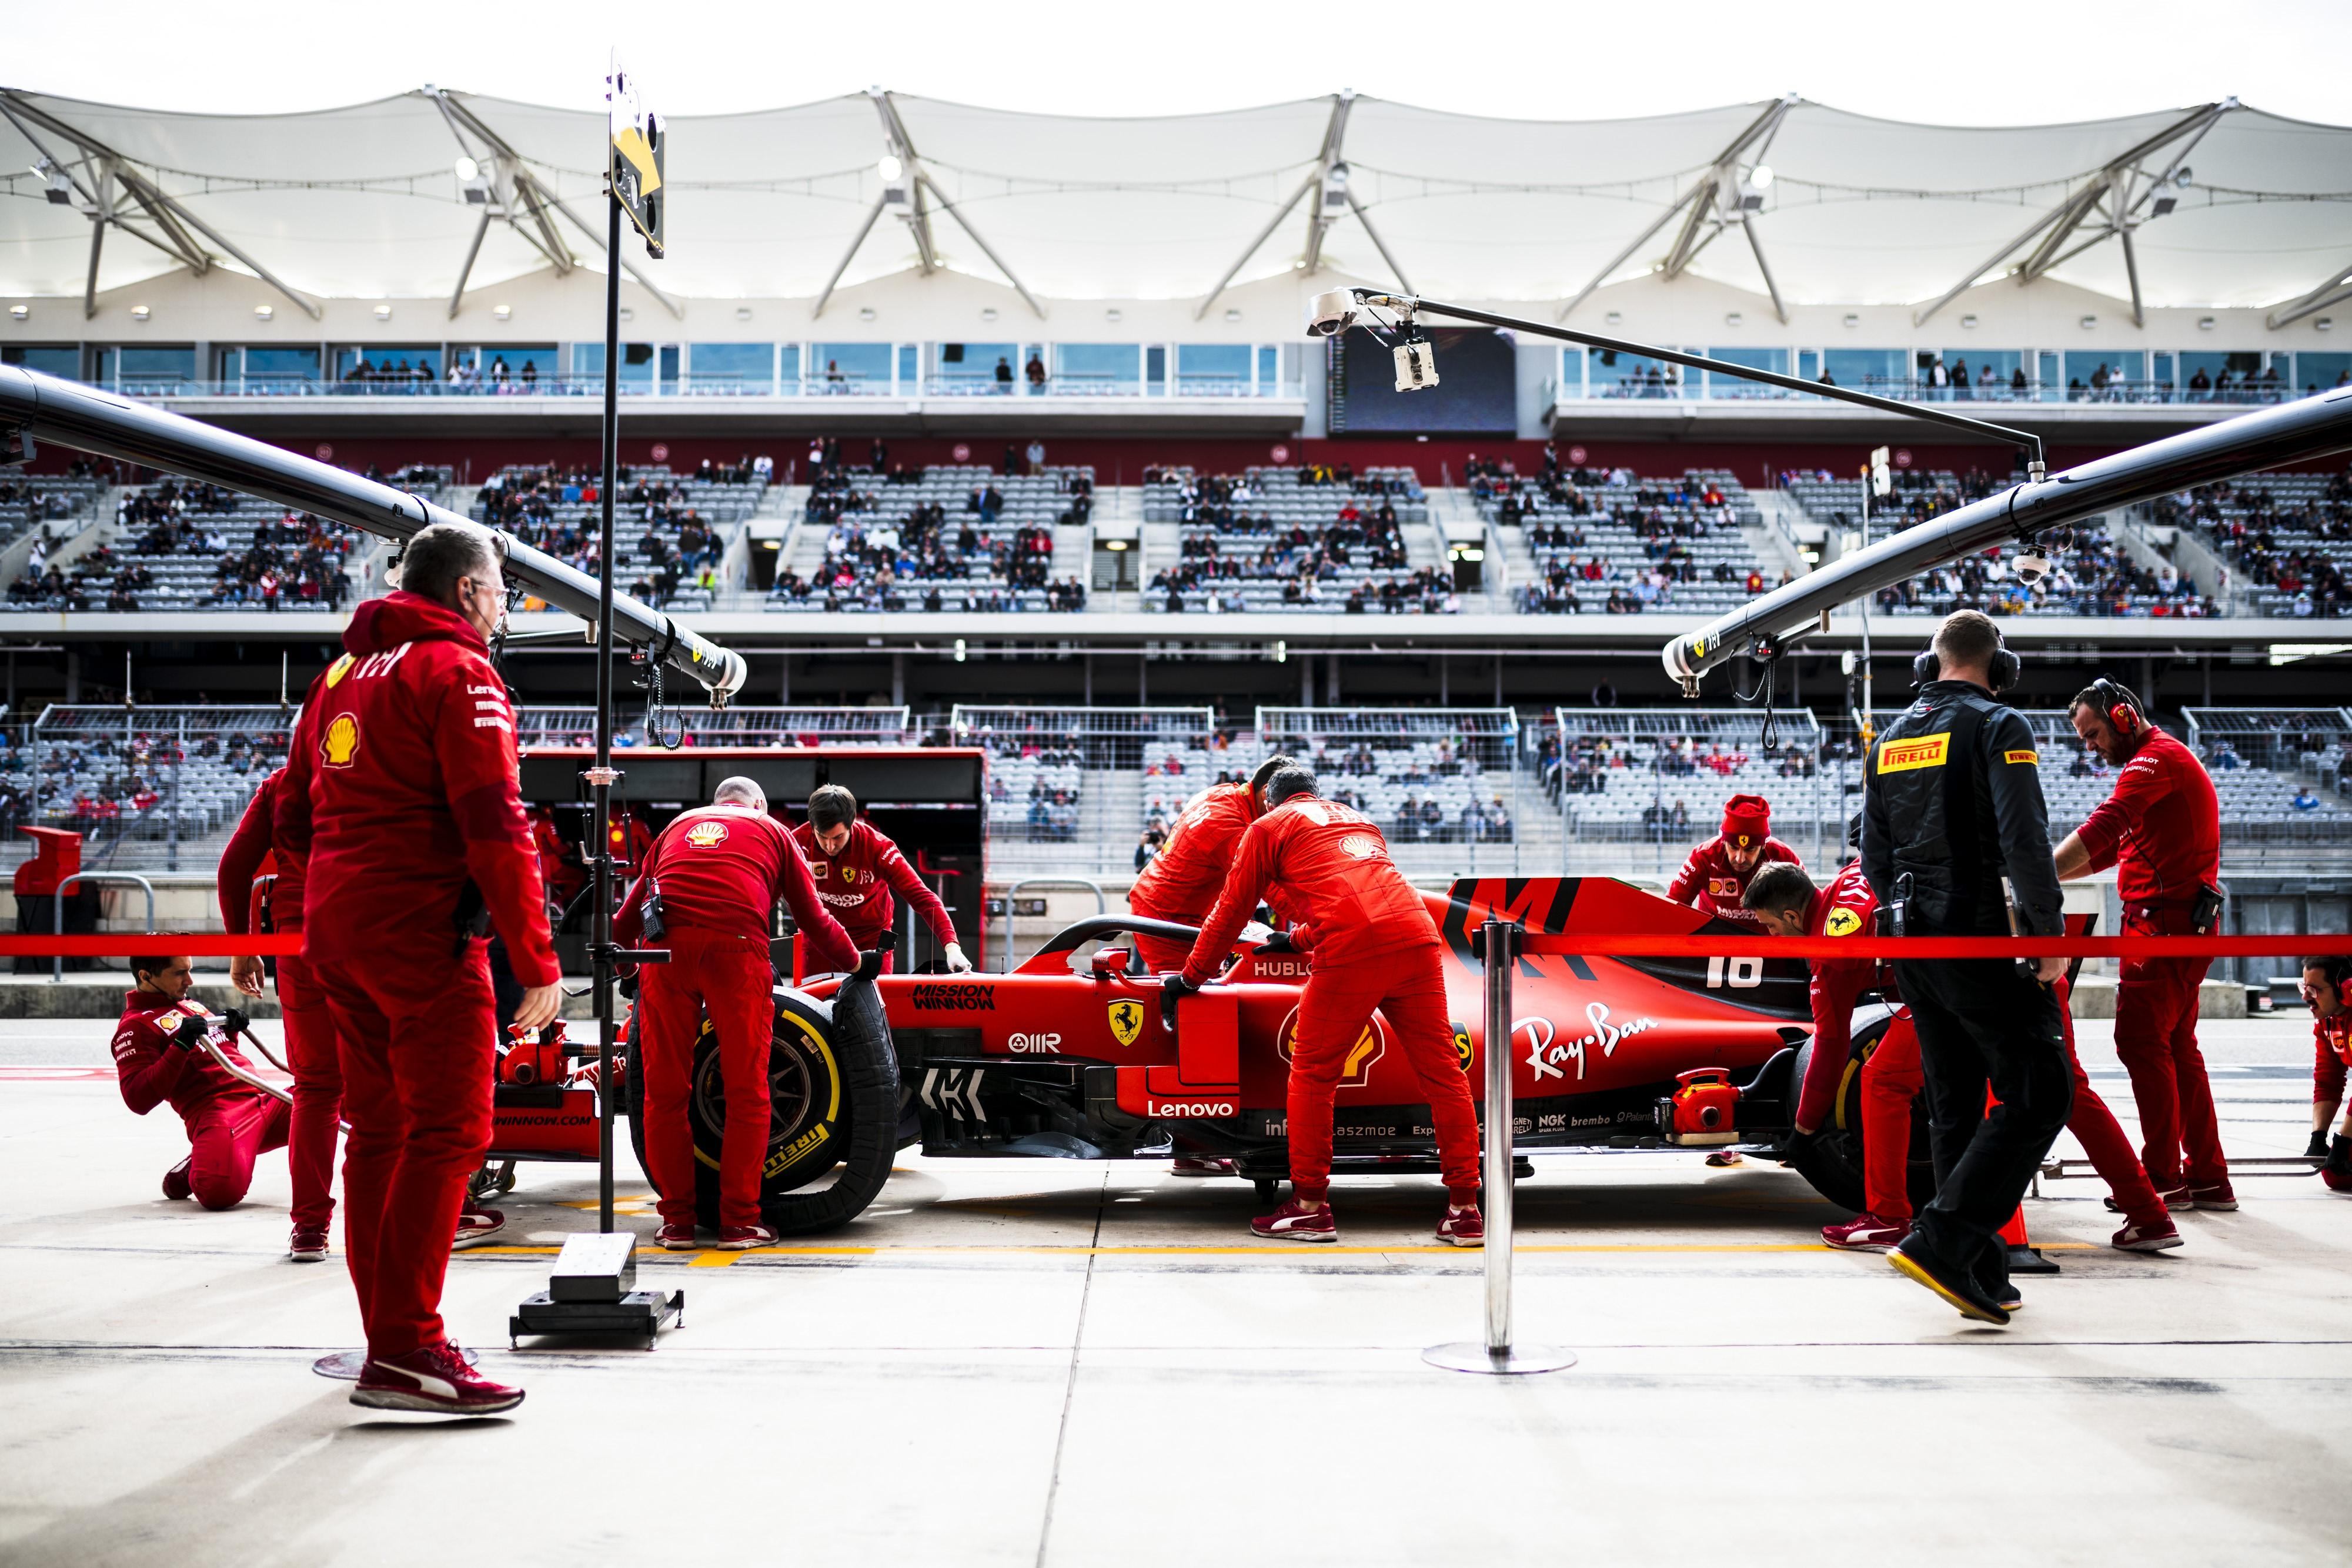 Charles Leclerc (Ferrari) au Grand Prix des Etats-Unis d'Amérique 2019